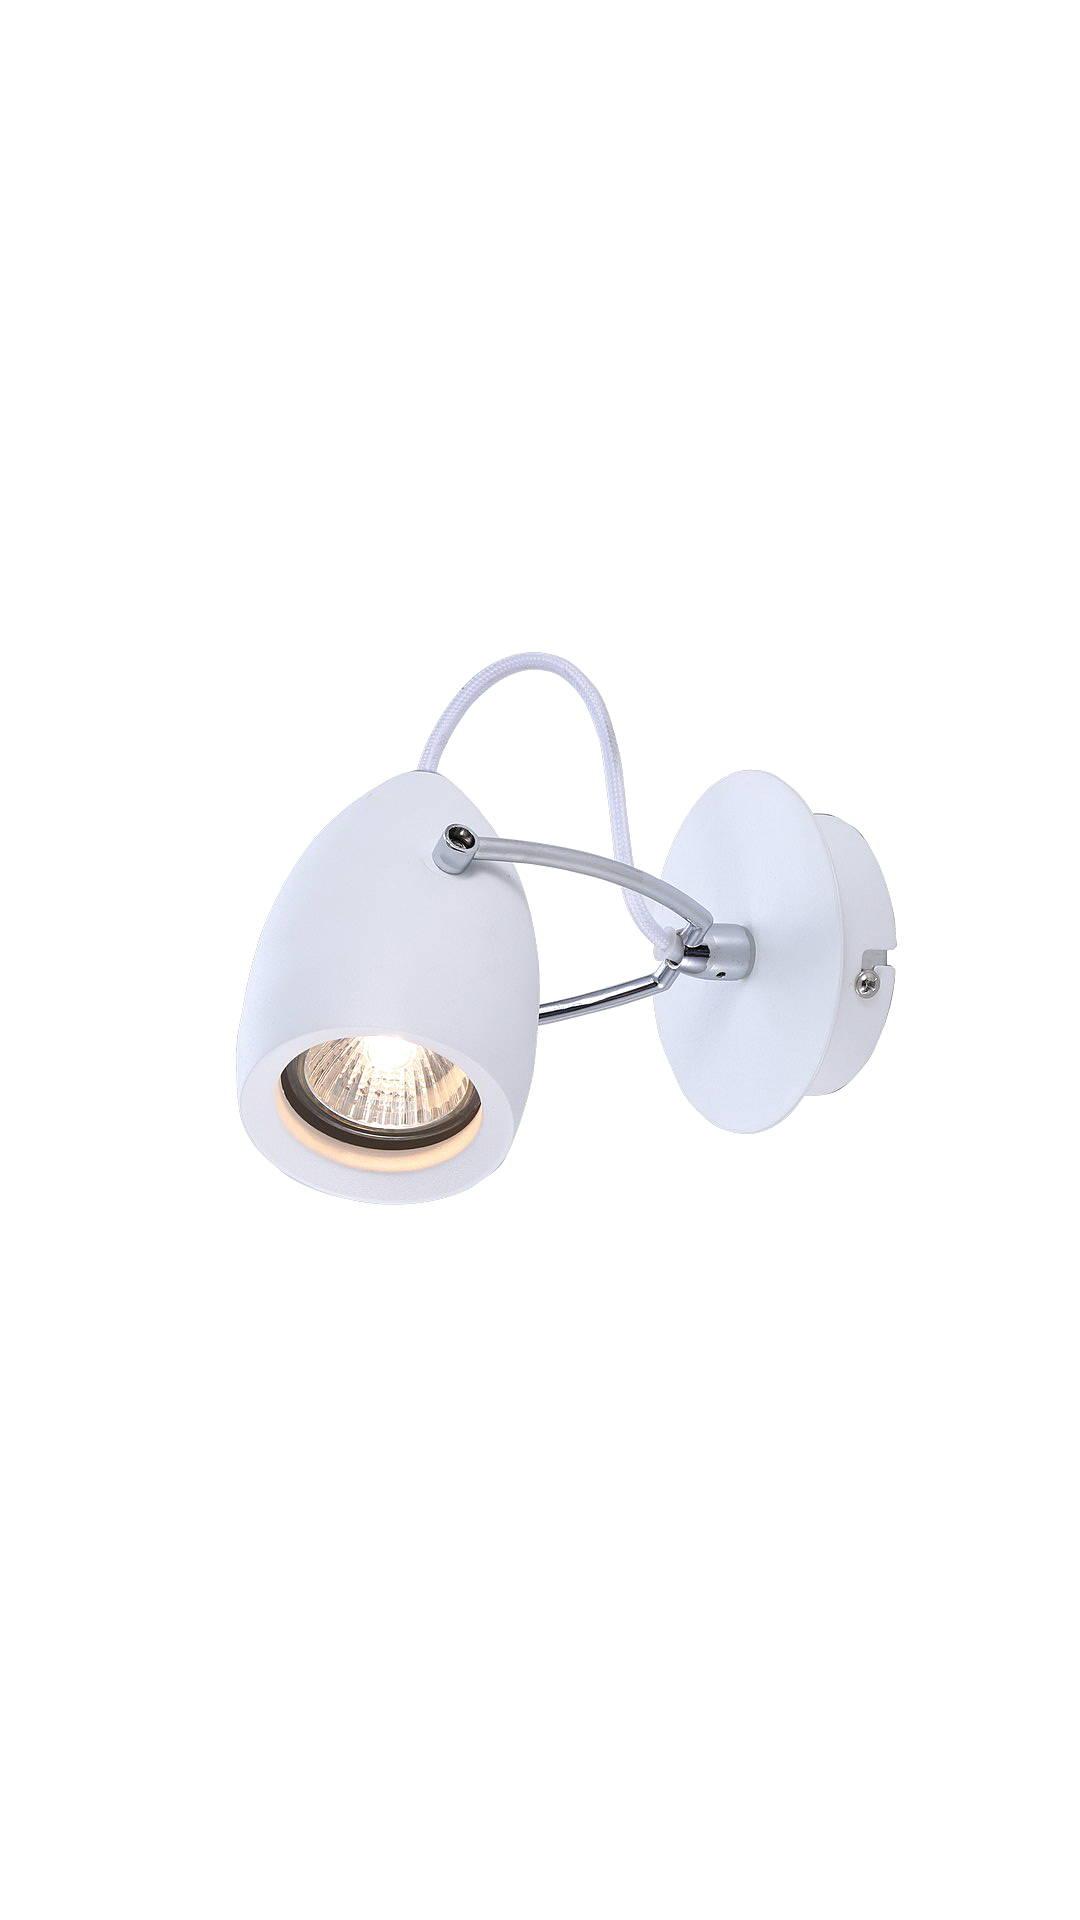 Фото товара A4004AP-1WH Arte Lamp